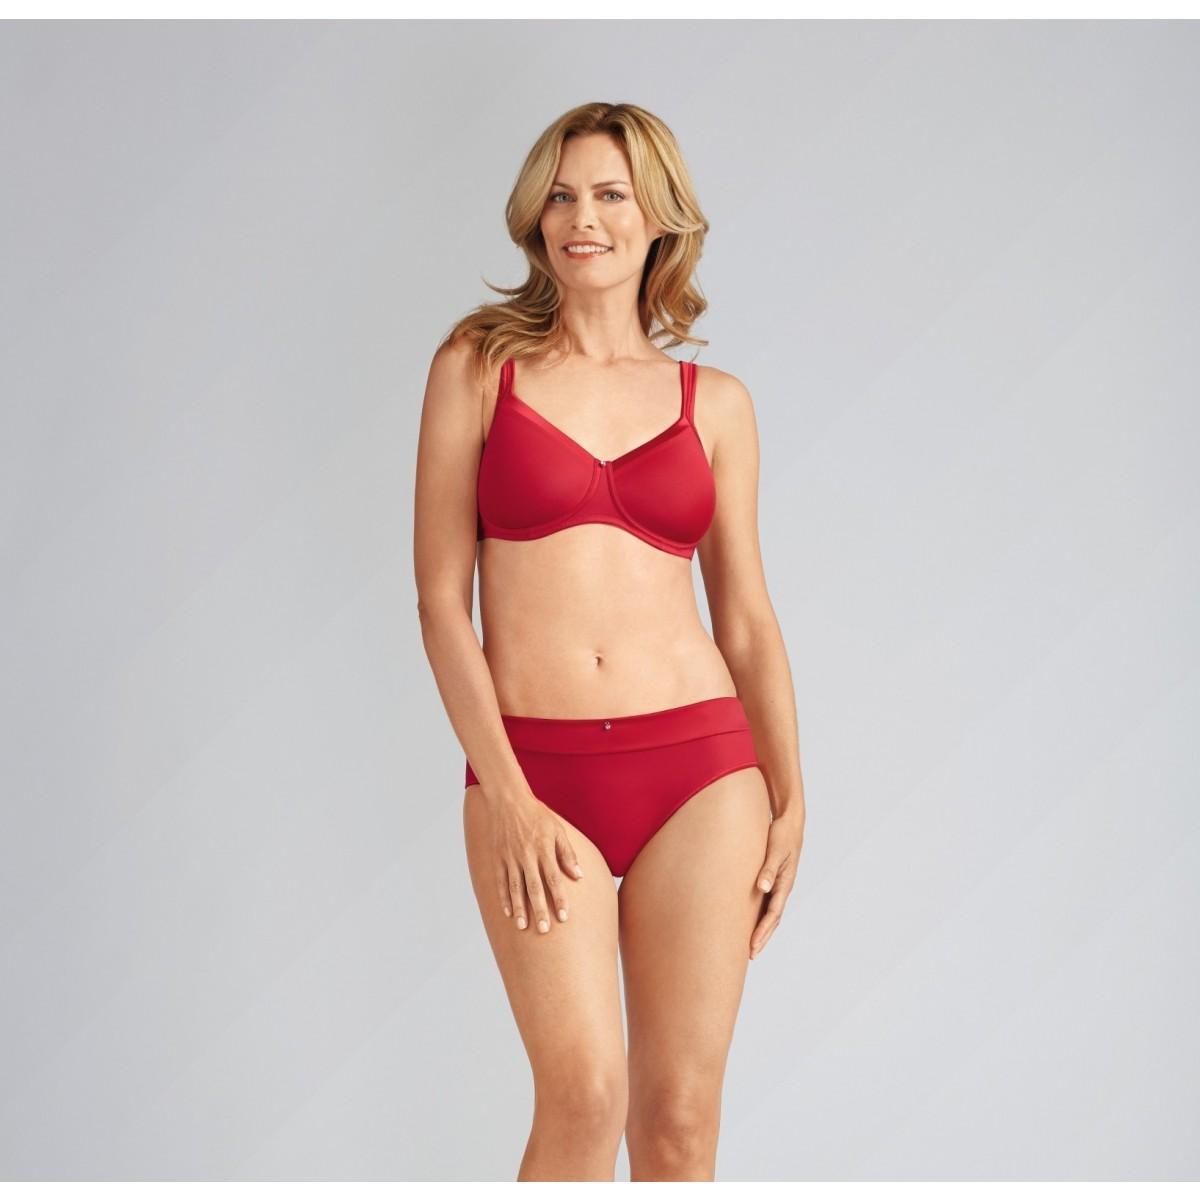 faad31d698f0dd Lara Satin bez fiszbinów – rubinowo-czerwony posezonowa wyprzedaż Amoena!